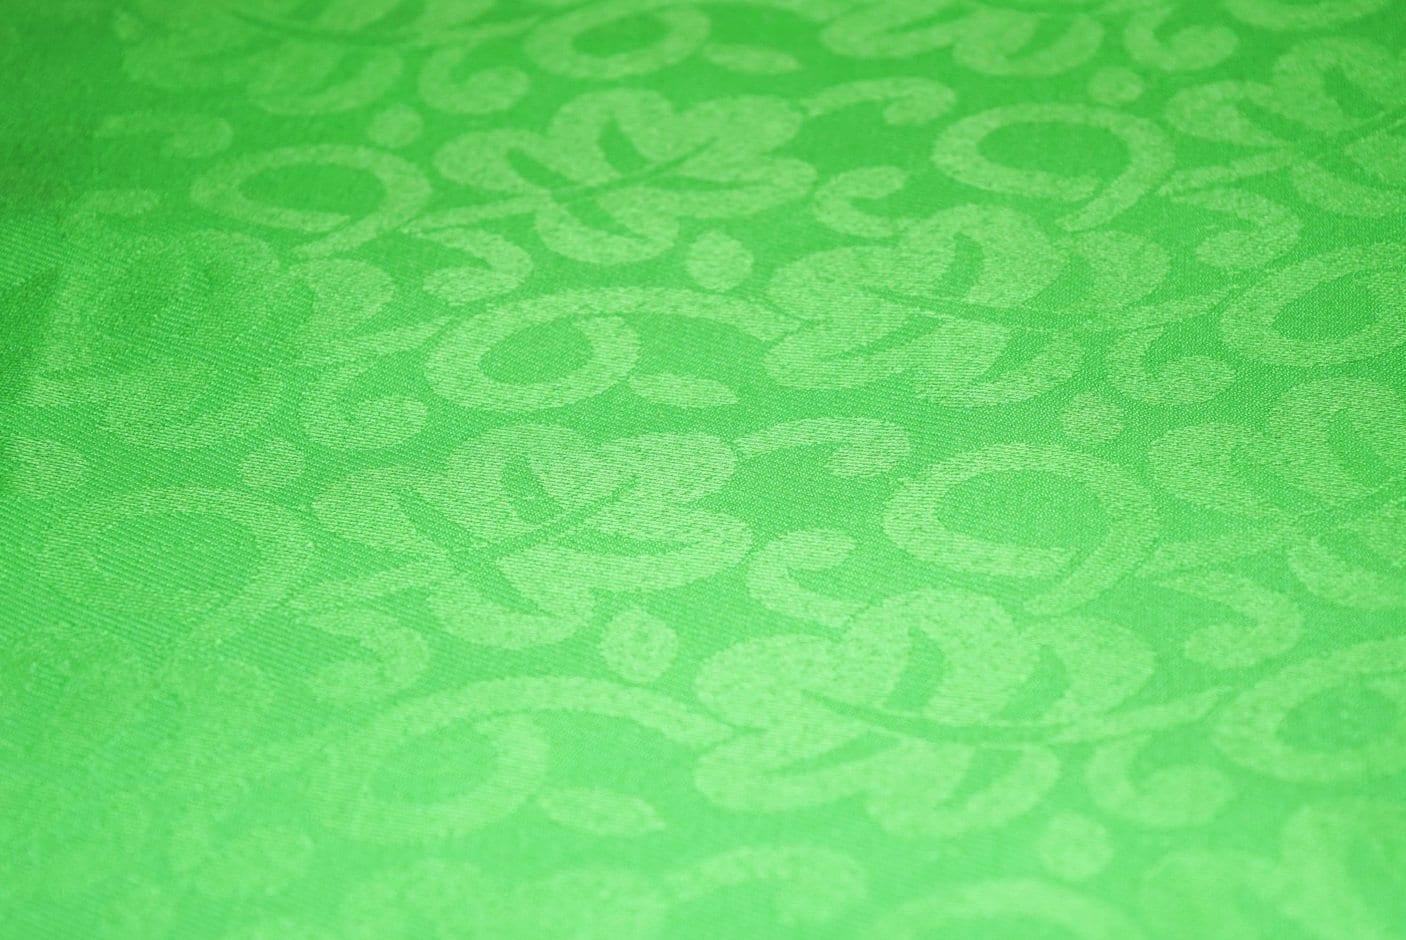 Parrot Green Cotton Jacquard Self Print Plain Suit piece of 5 meters length CJ024 1